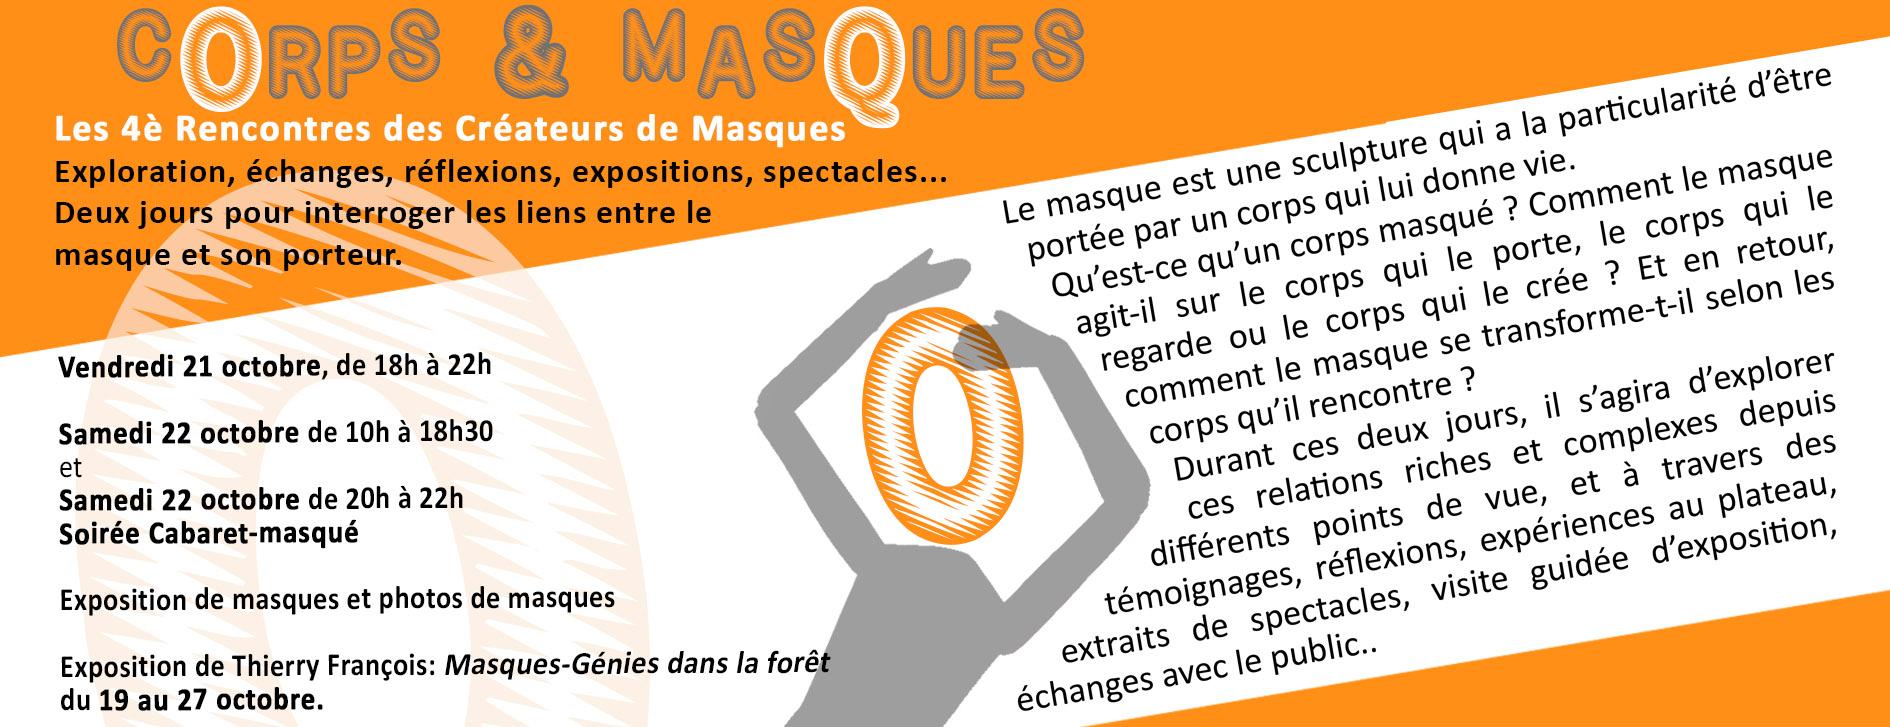 Corps et Masques